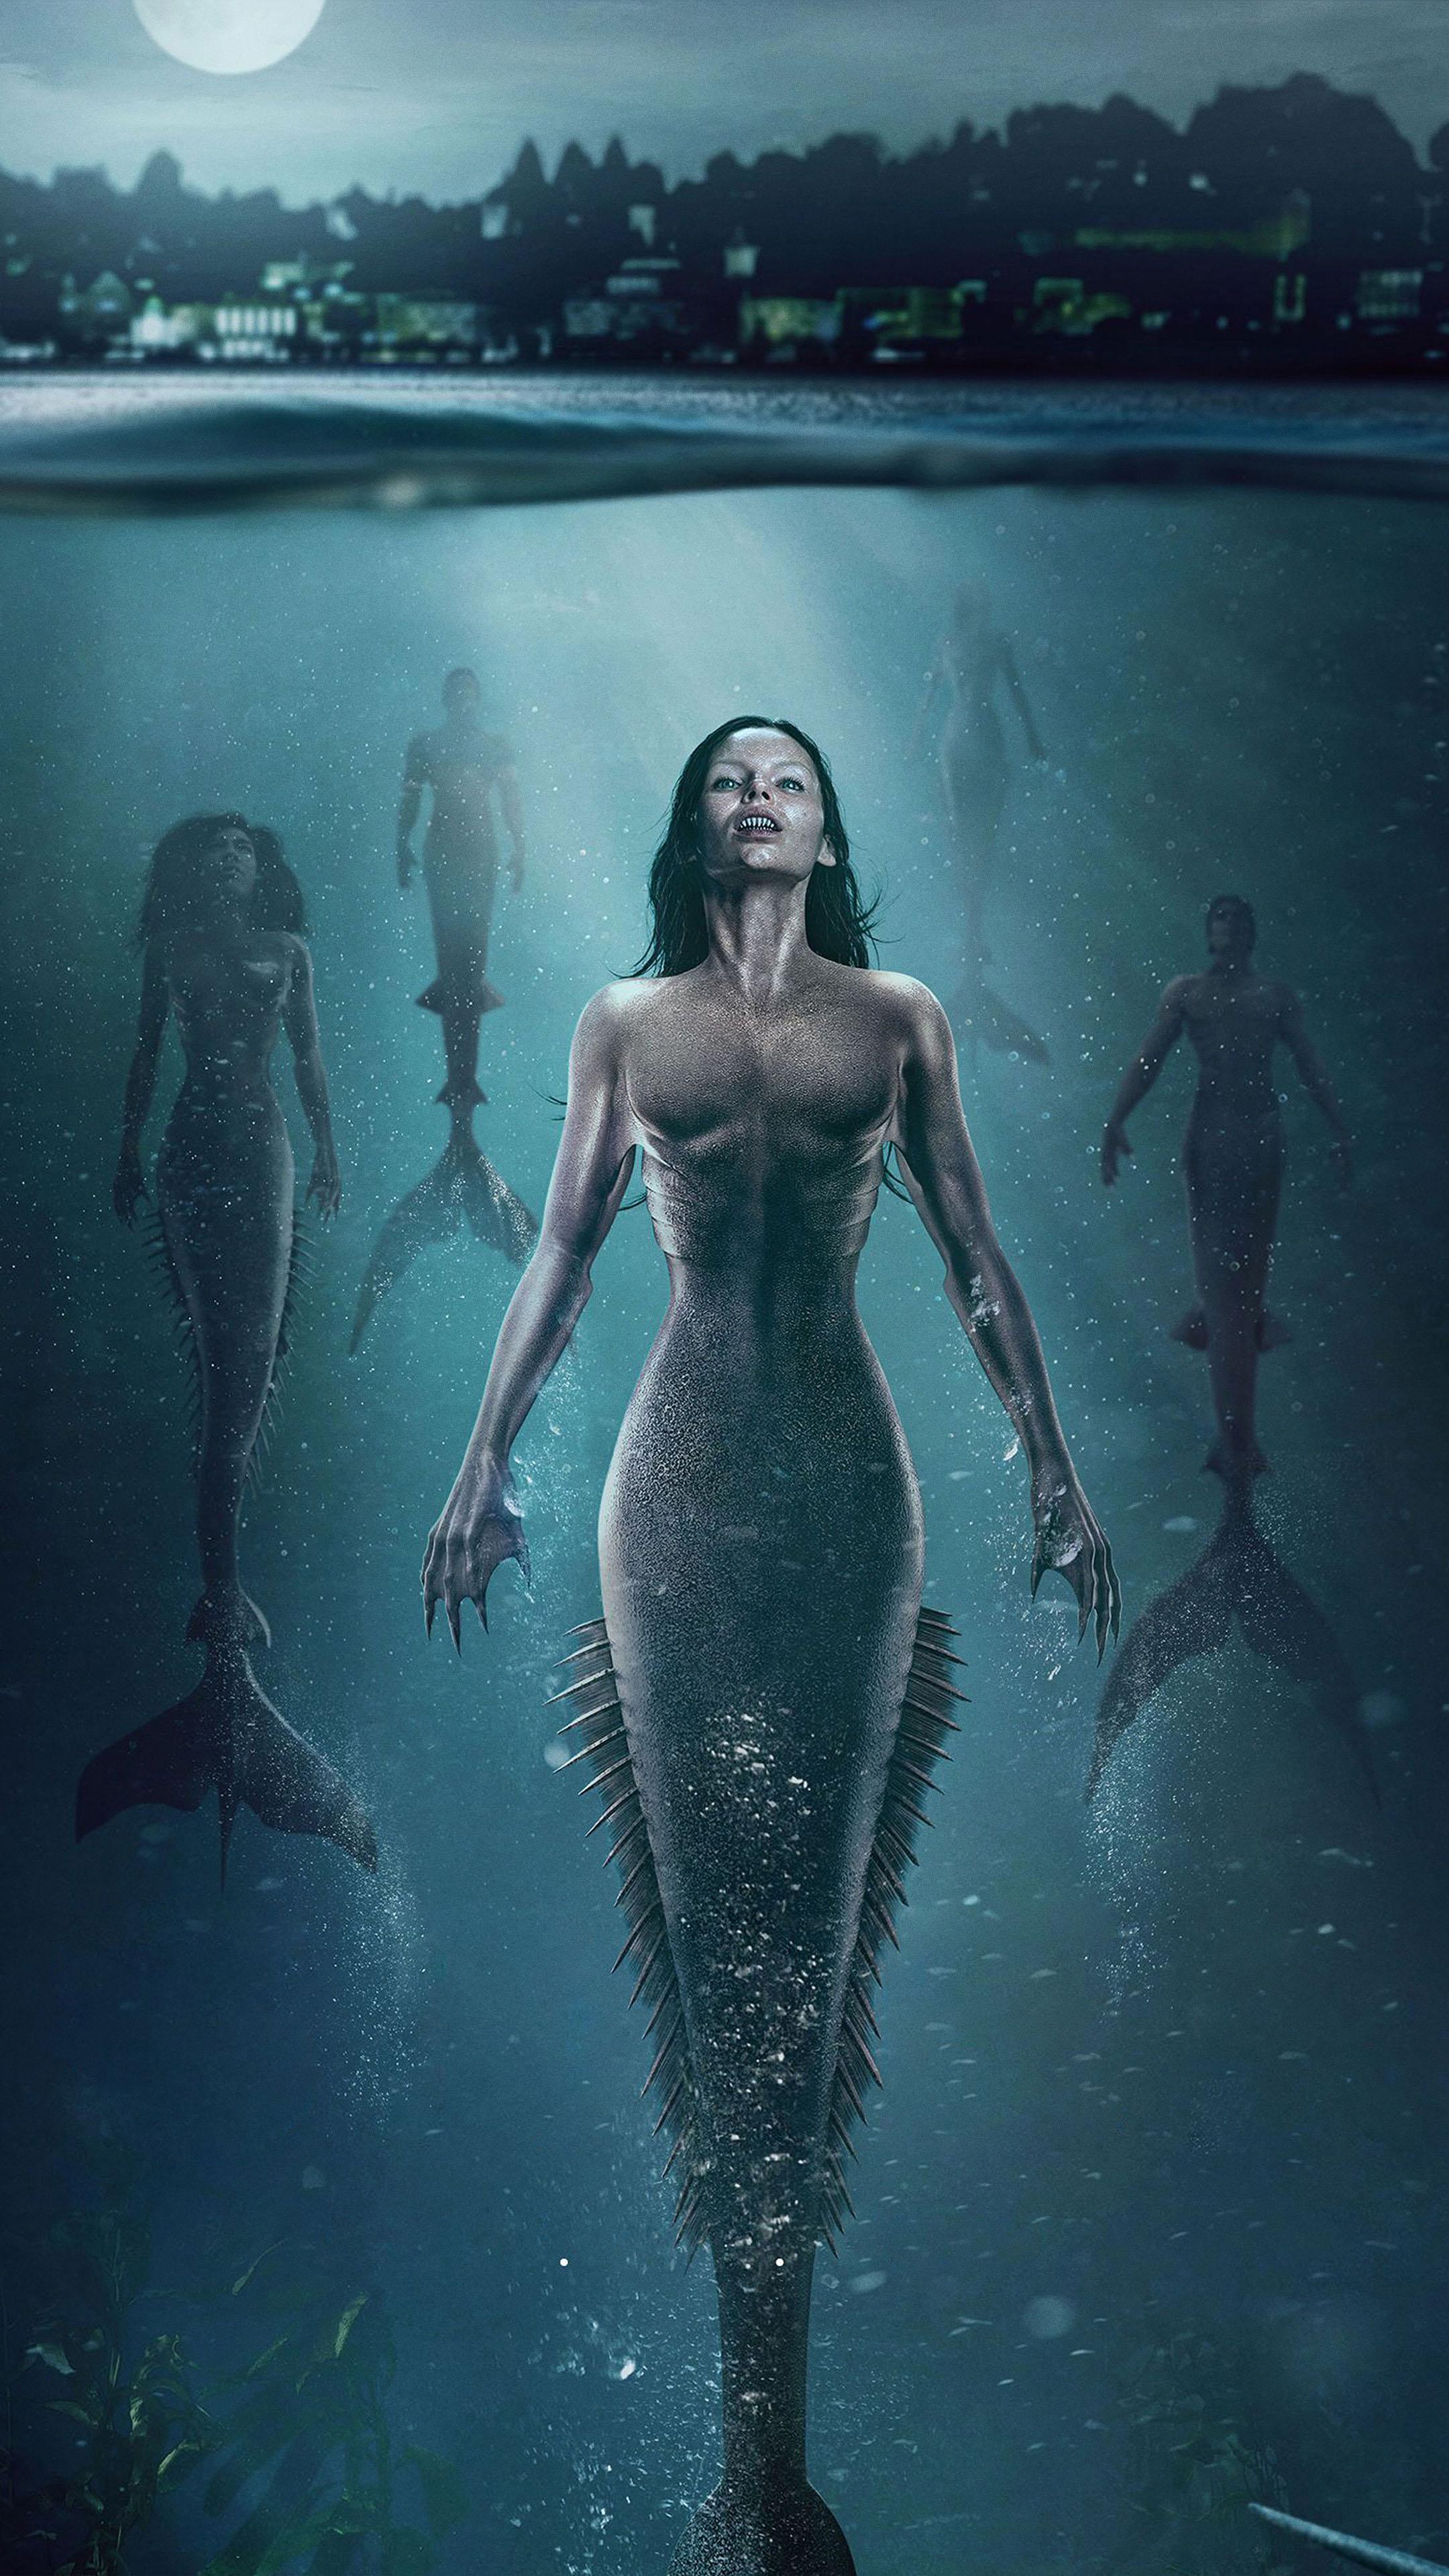 Mermaids In Siren Season 2 2019 4K Ultra HD Mobile Wallpaper